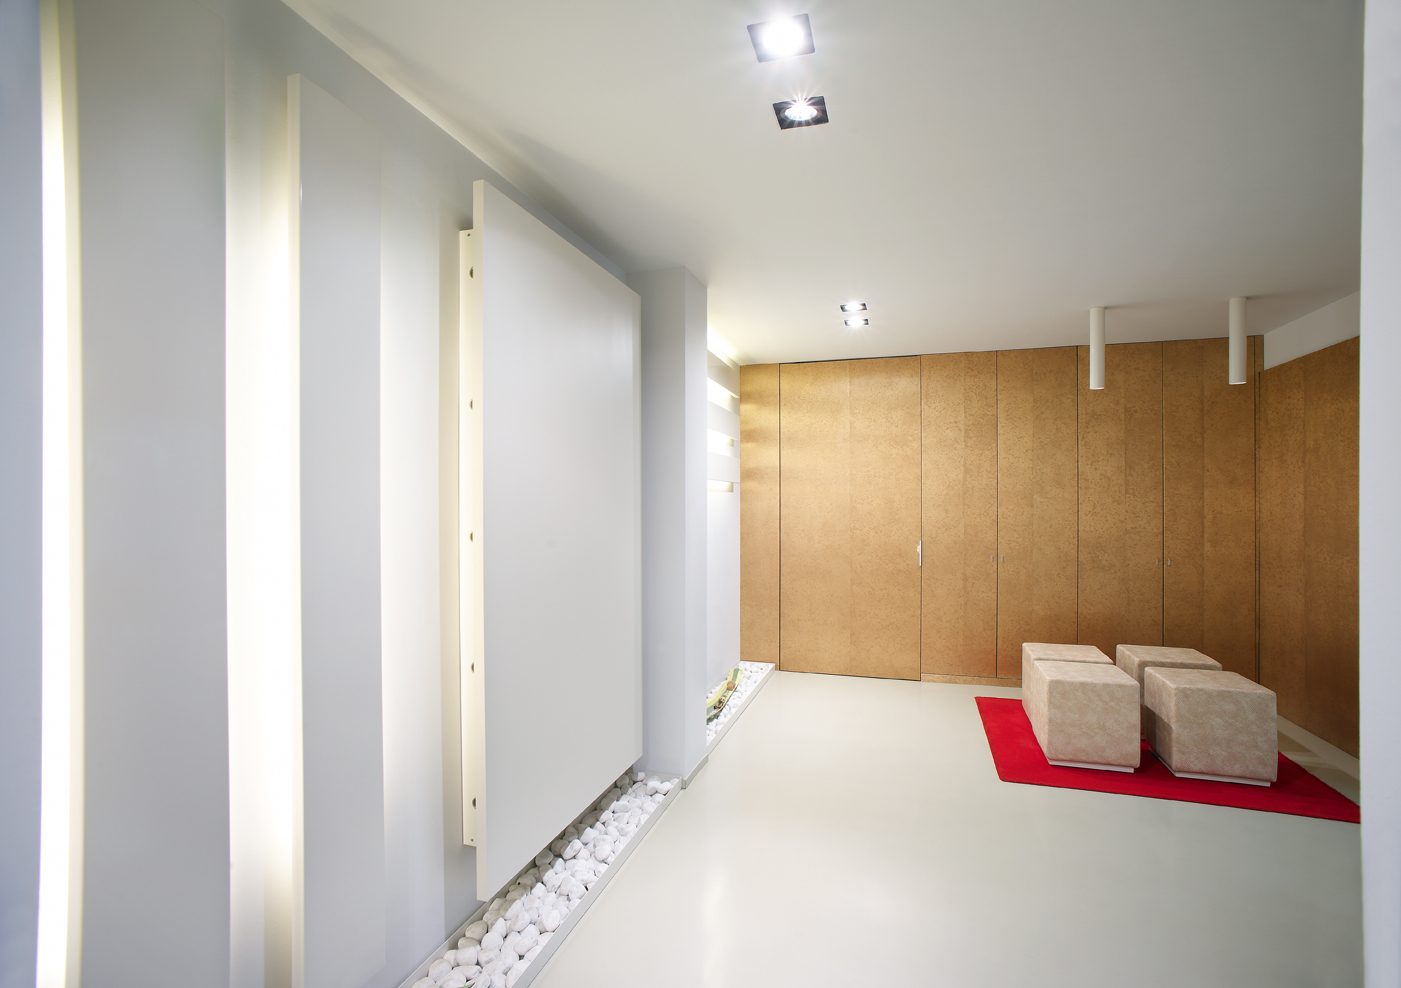 Studio-di-architettura-Baisotti-Sigala-prgetti13